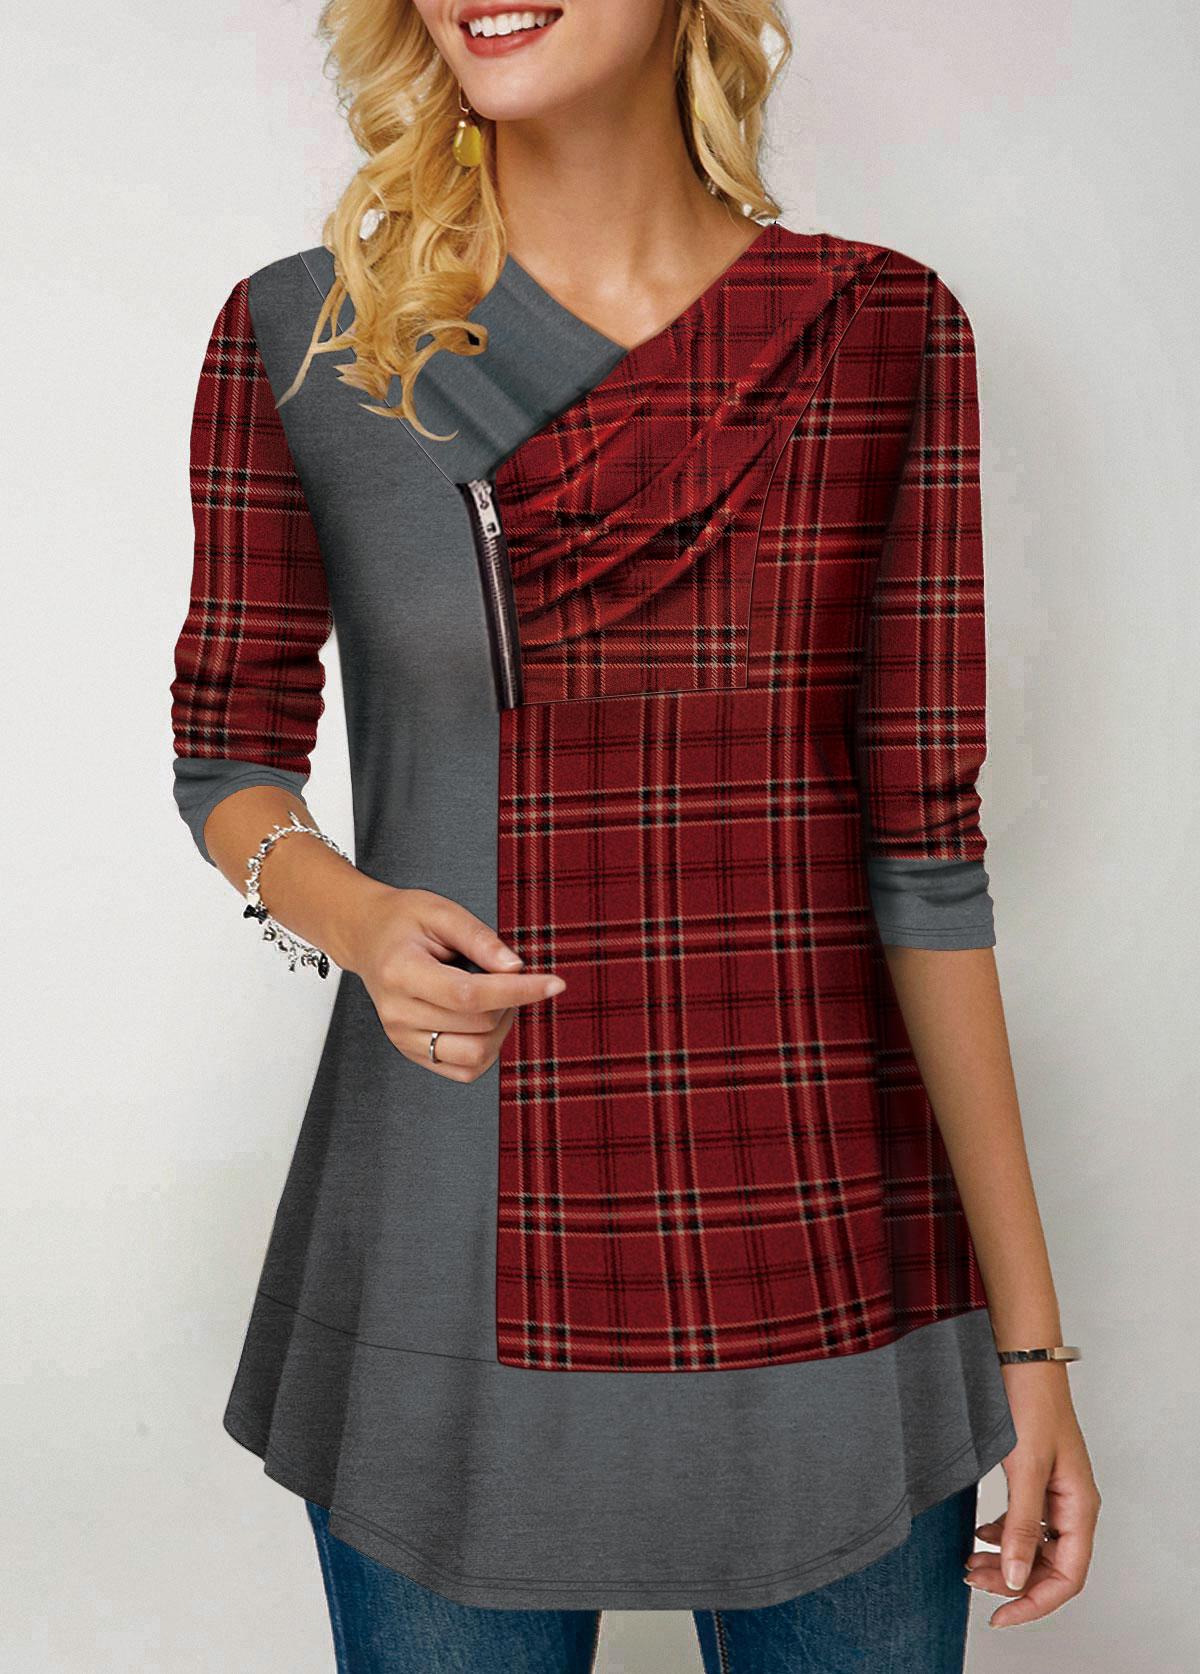 Plaid Print Zipper Deatil Long Sleeve T Shirt